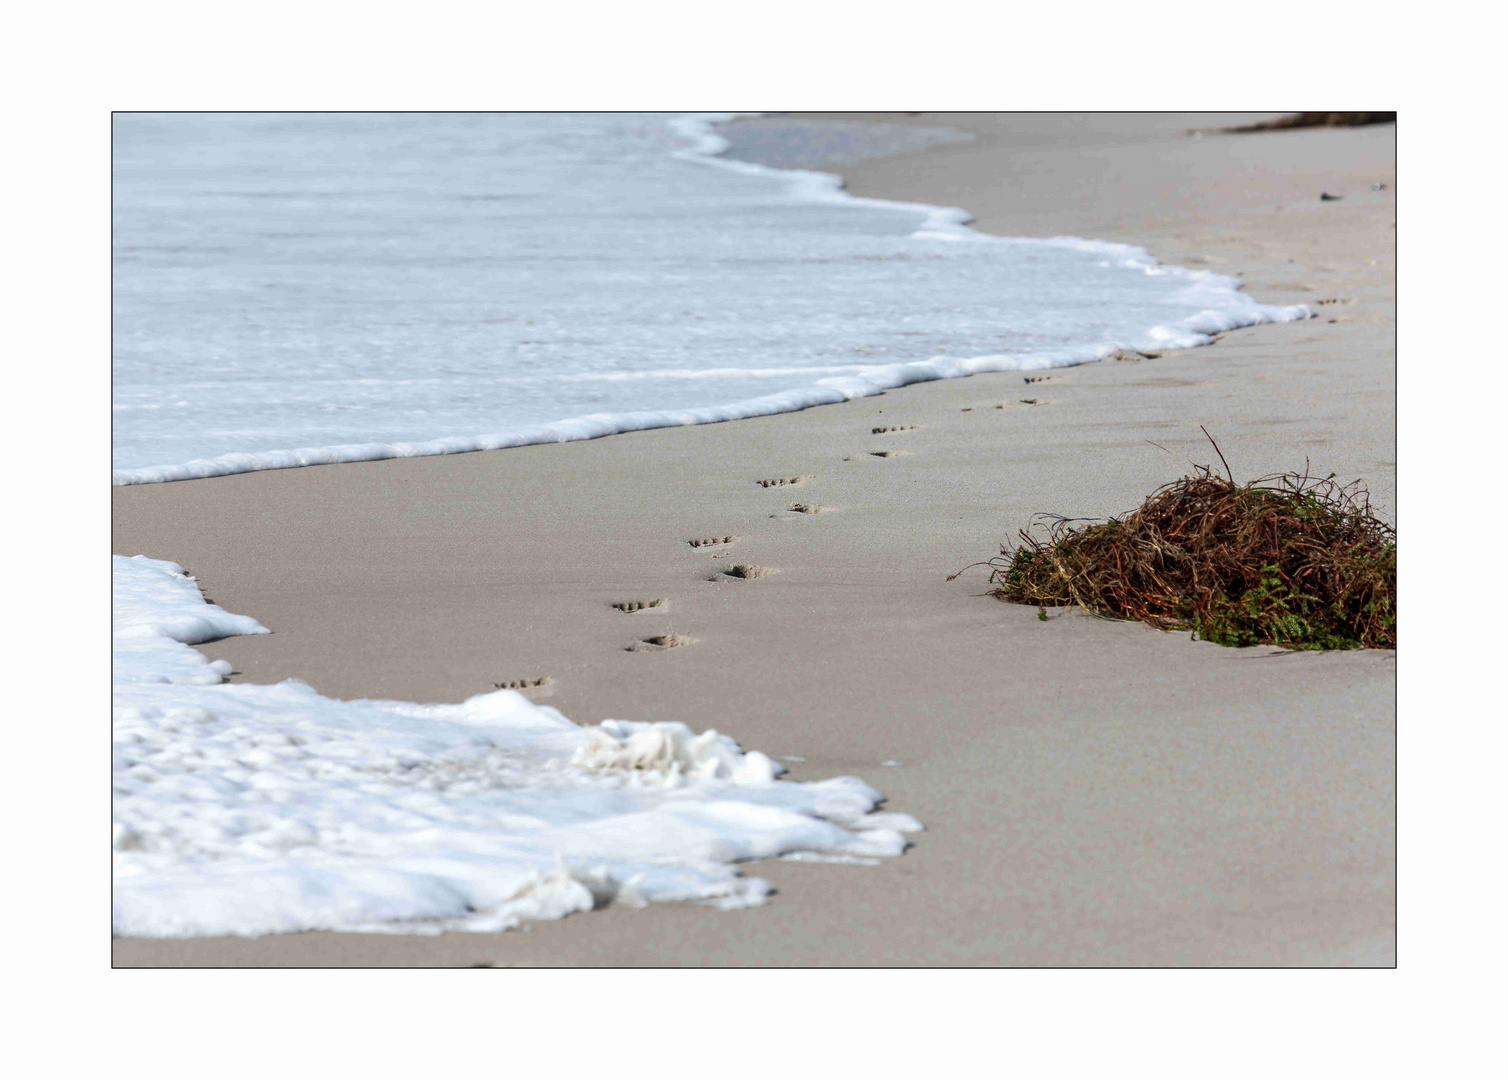 Sylt, - Spuren im Sand... und die Welle...